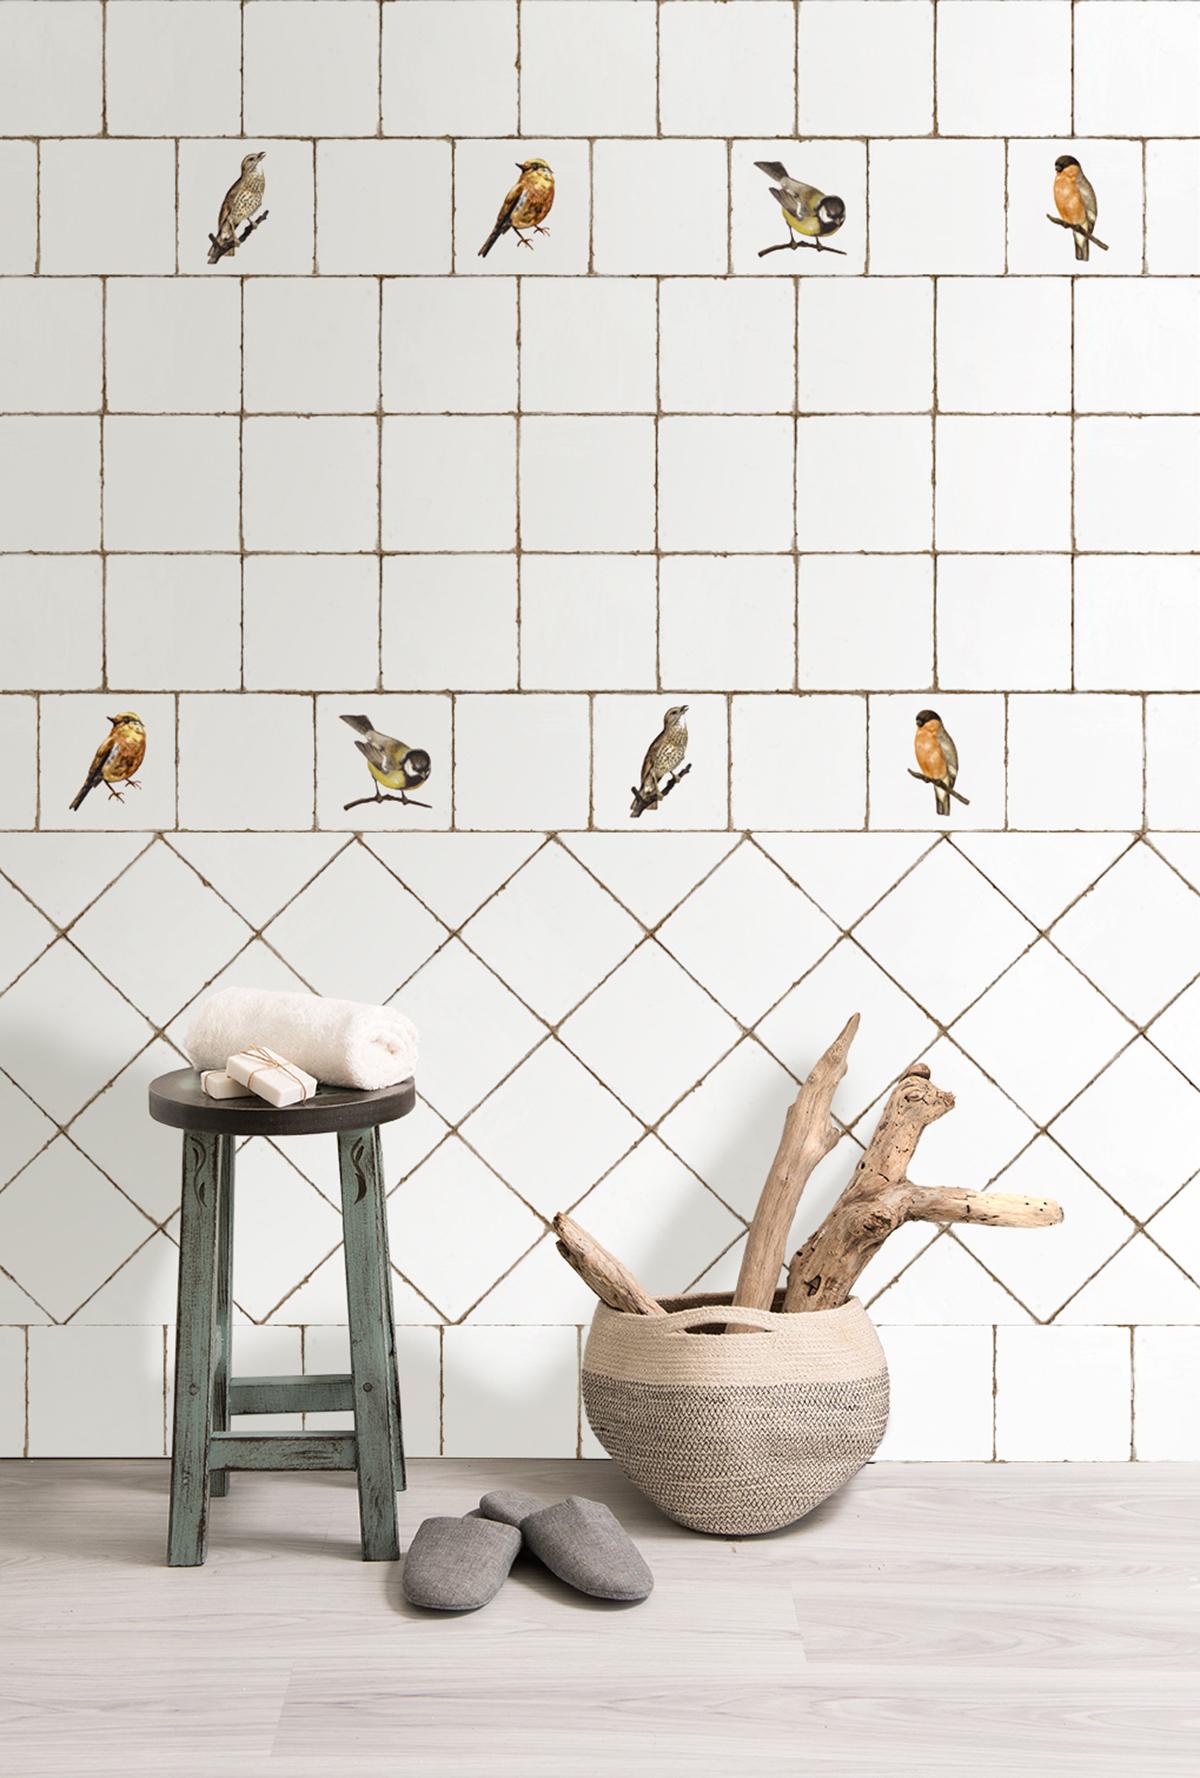 fabresa-forli-obklady-dekory-ptacci-ruzne-retro-do-kuchyne-07